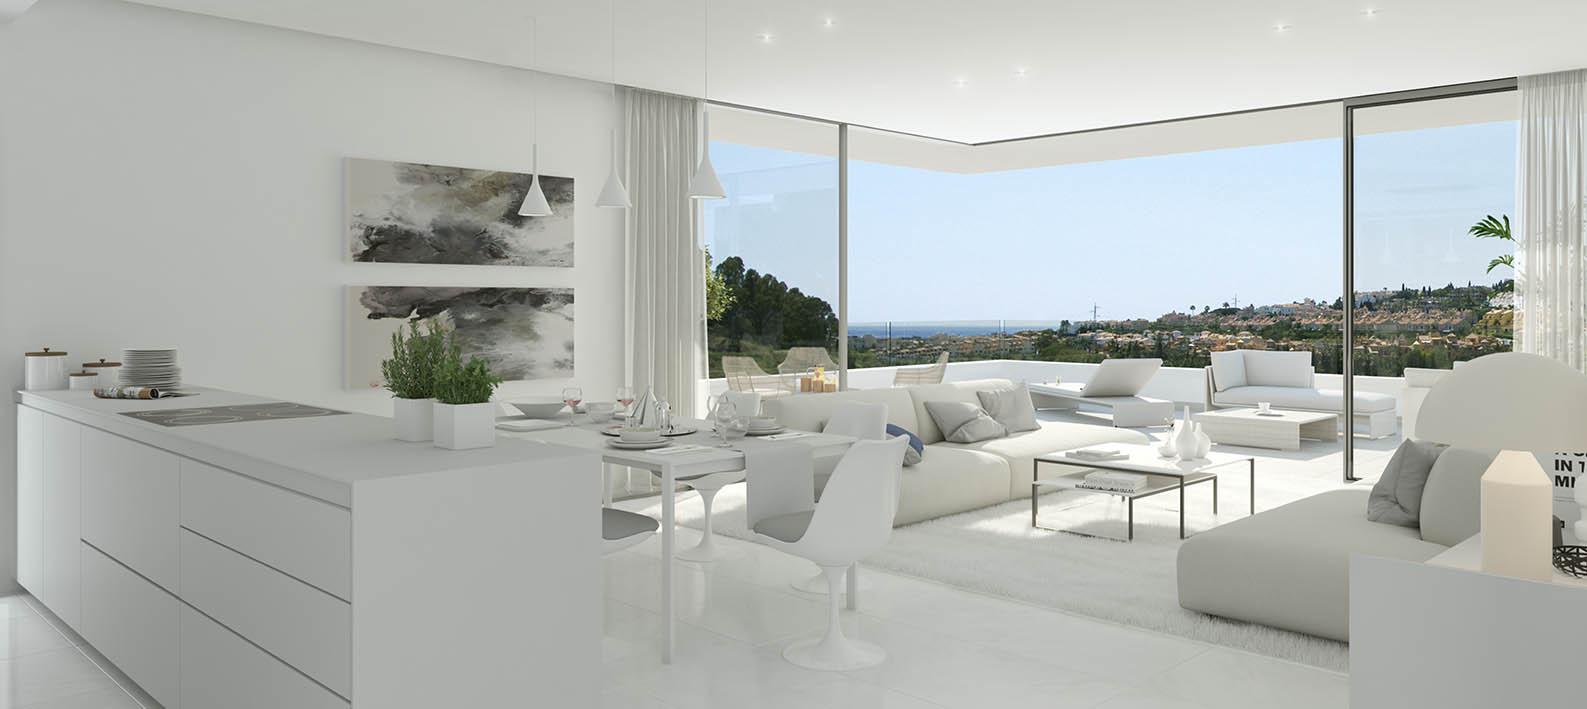 Benahavis Costa del sol.New moderne Entwicklung 40 Luxus-Wohnungen ...